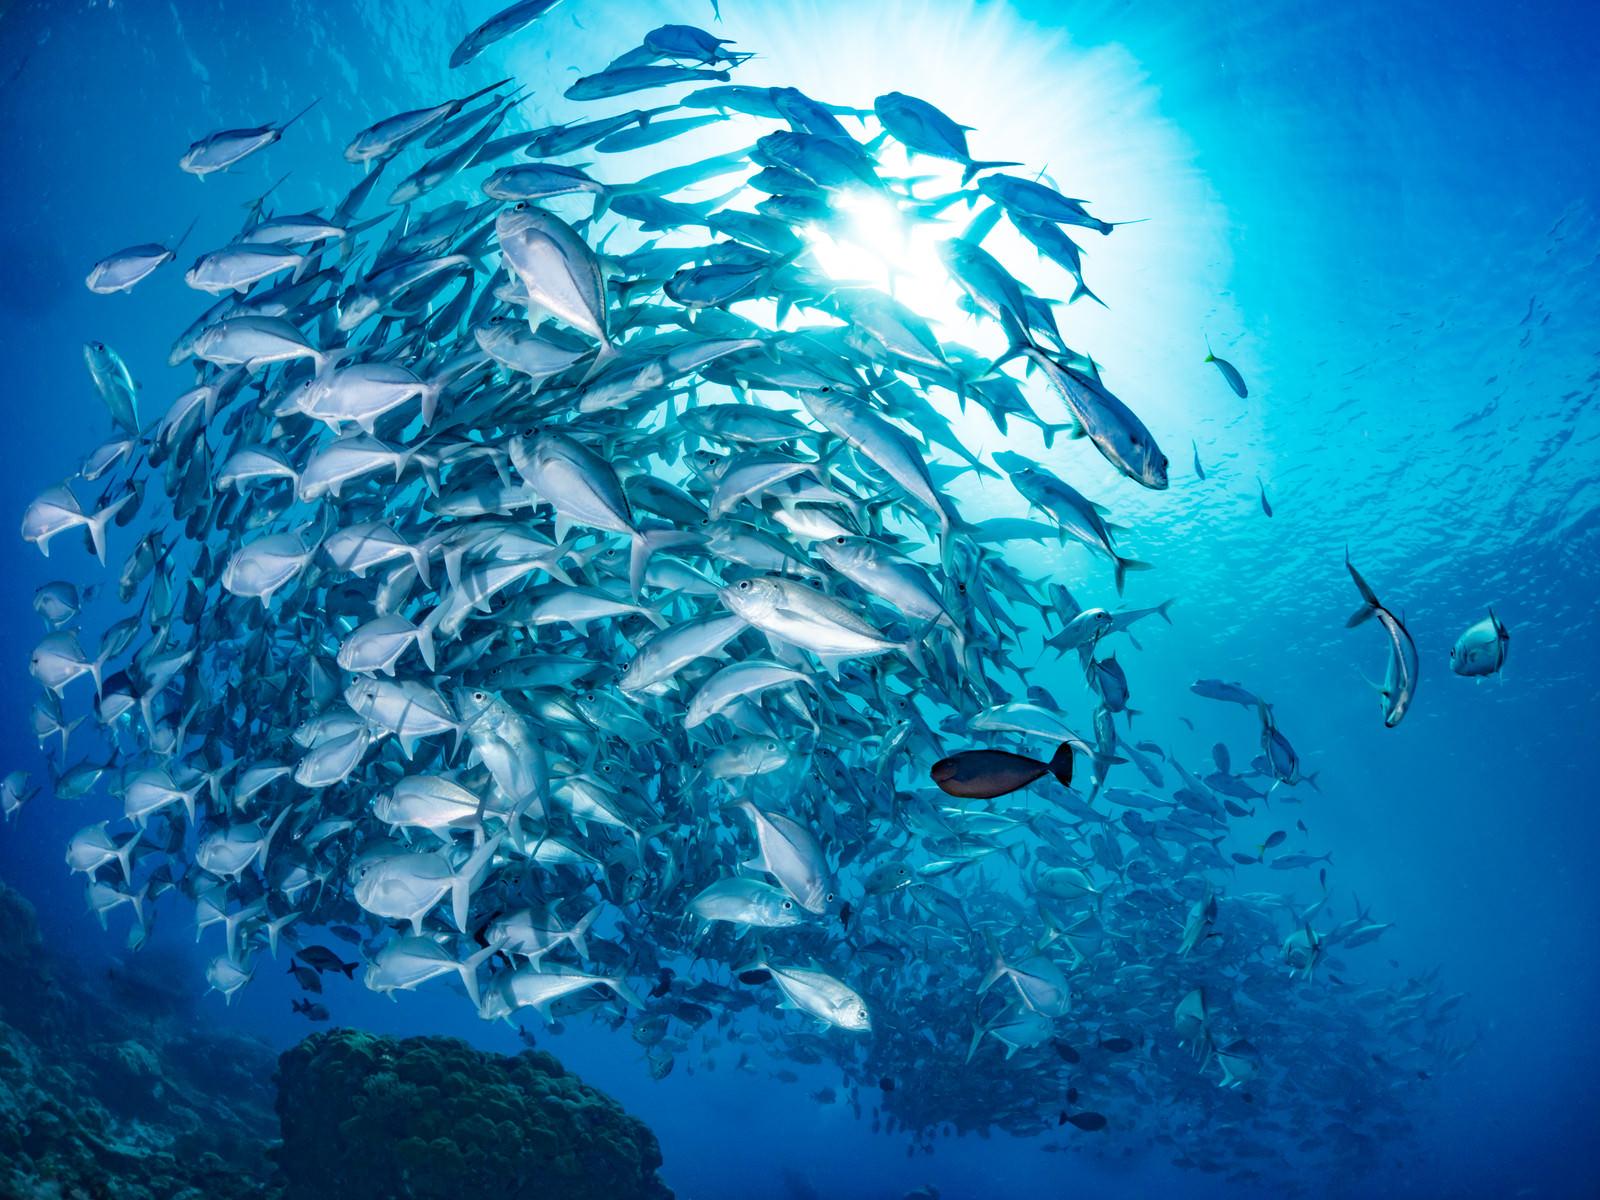 「輝くギンガメアジの群れ輝くギンガメアジの群れ」のフリー写真素材を拡大